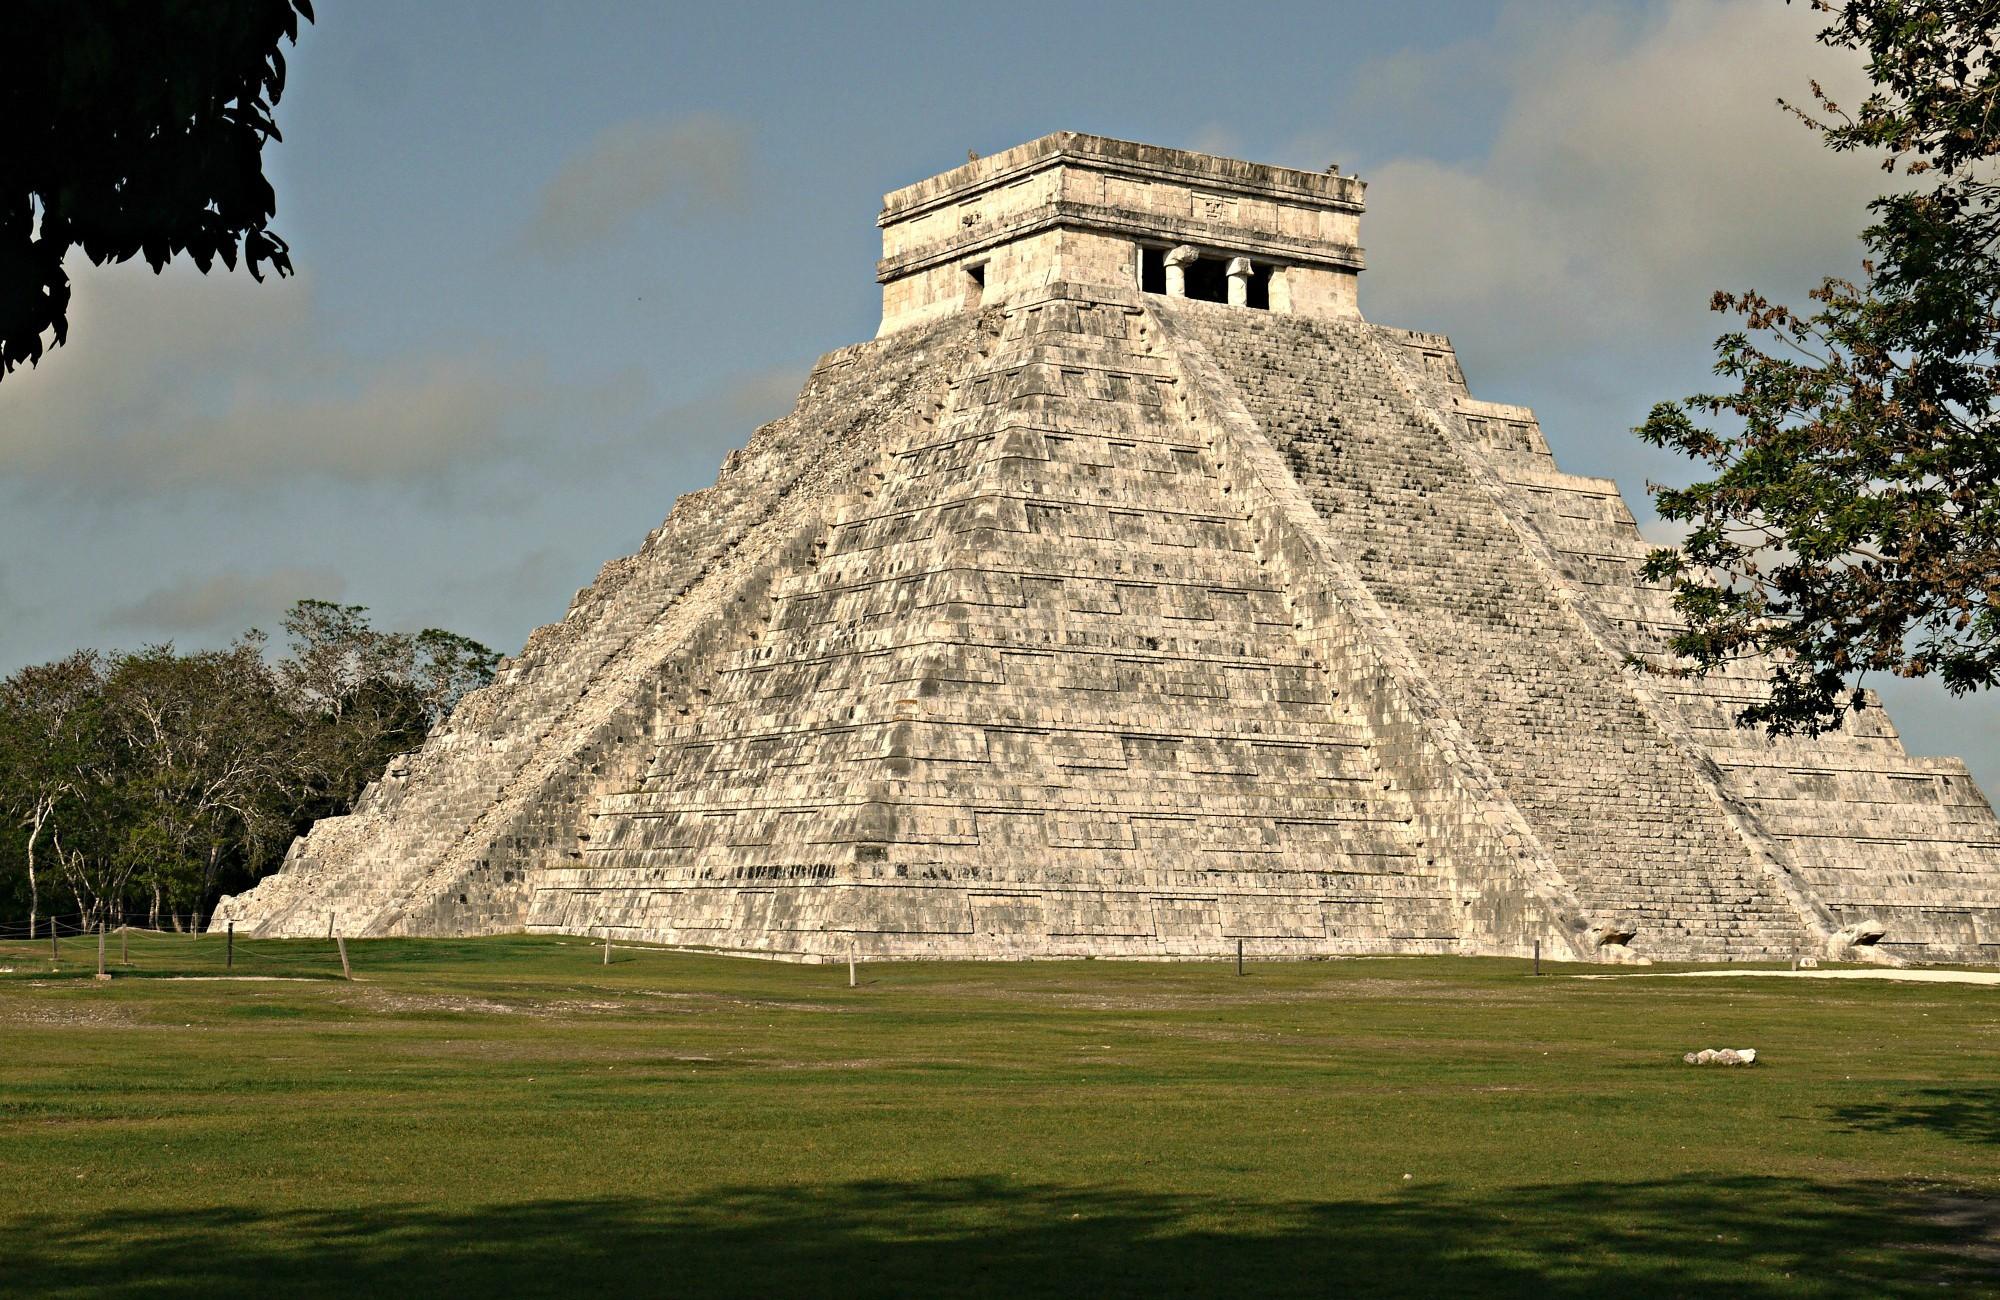 Kukulcan pyramid. Photo by Nicolas Roberth Nichifor